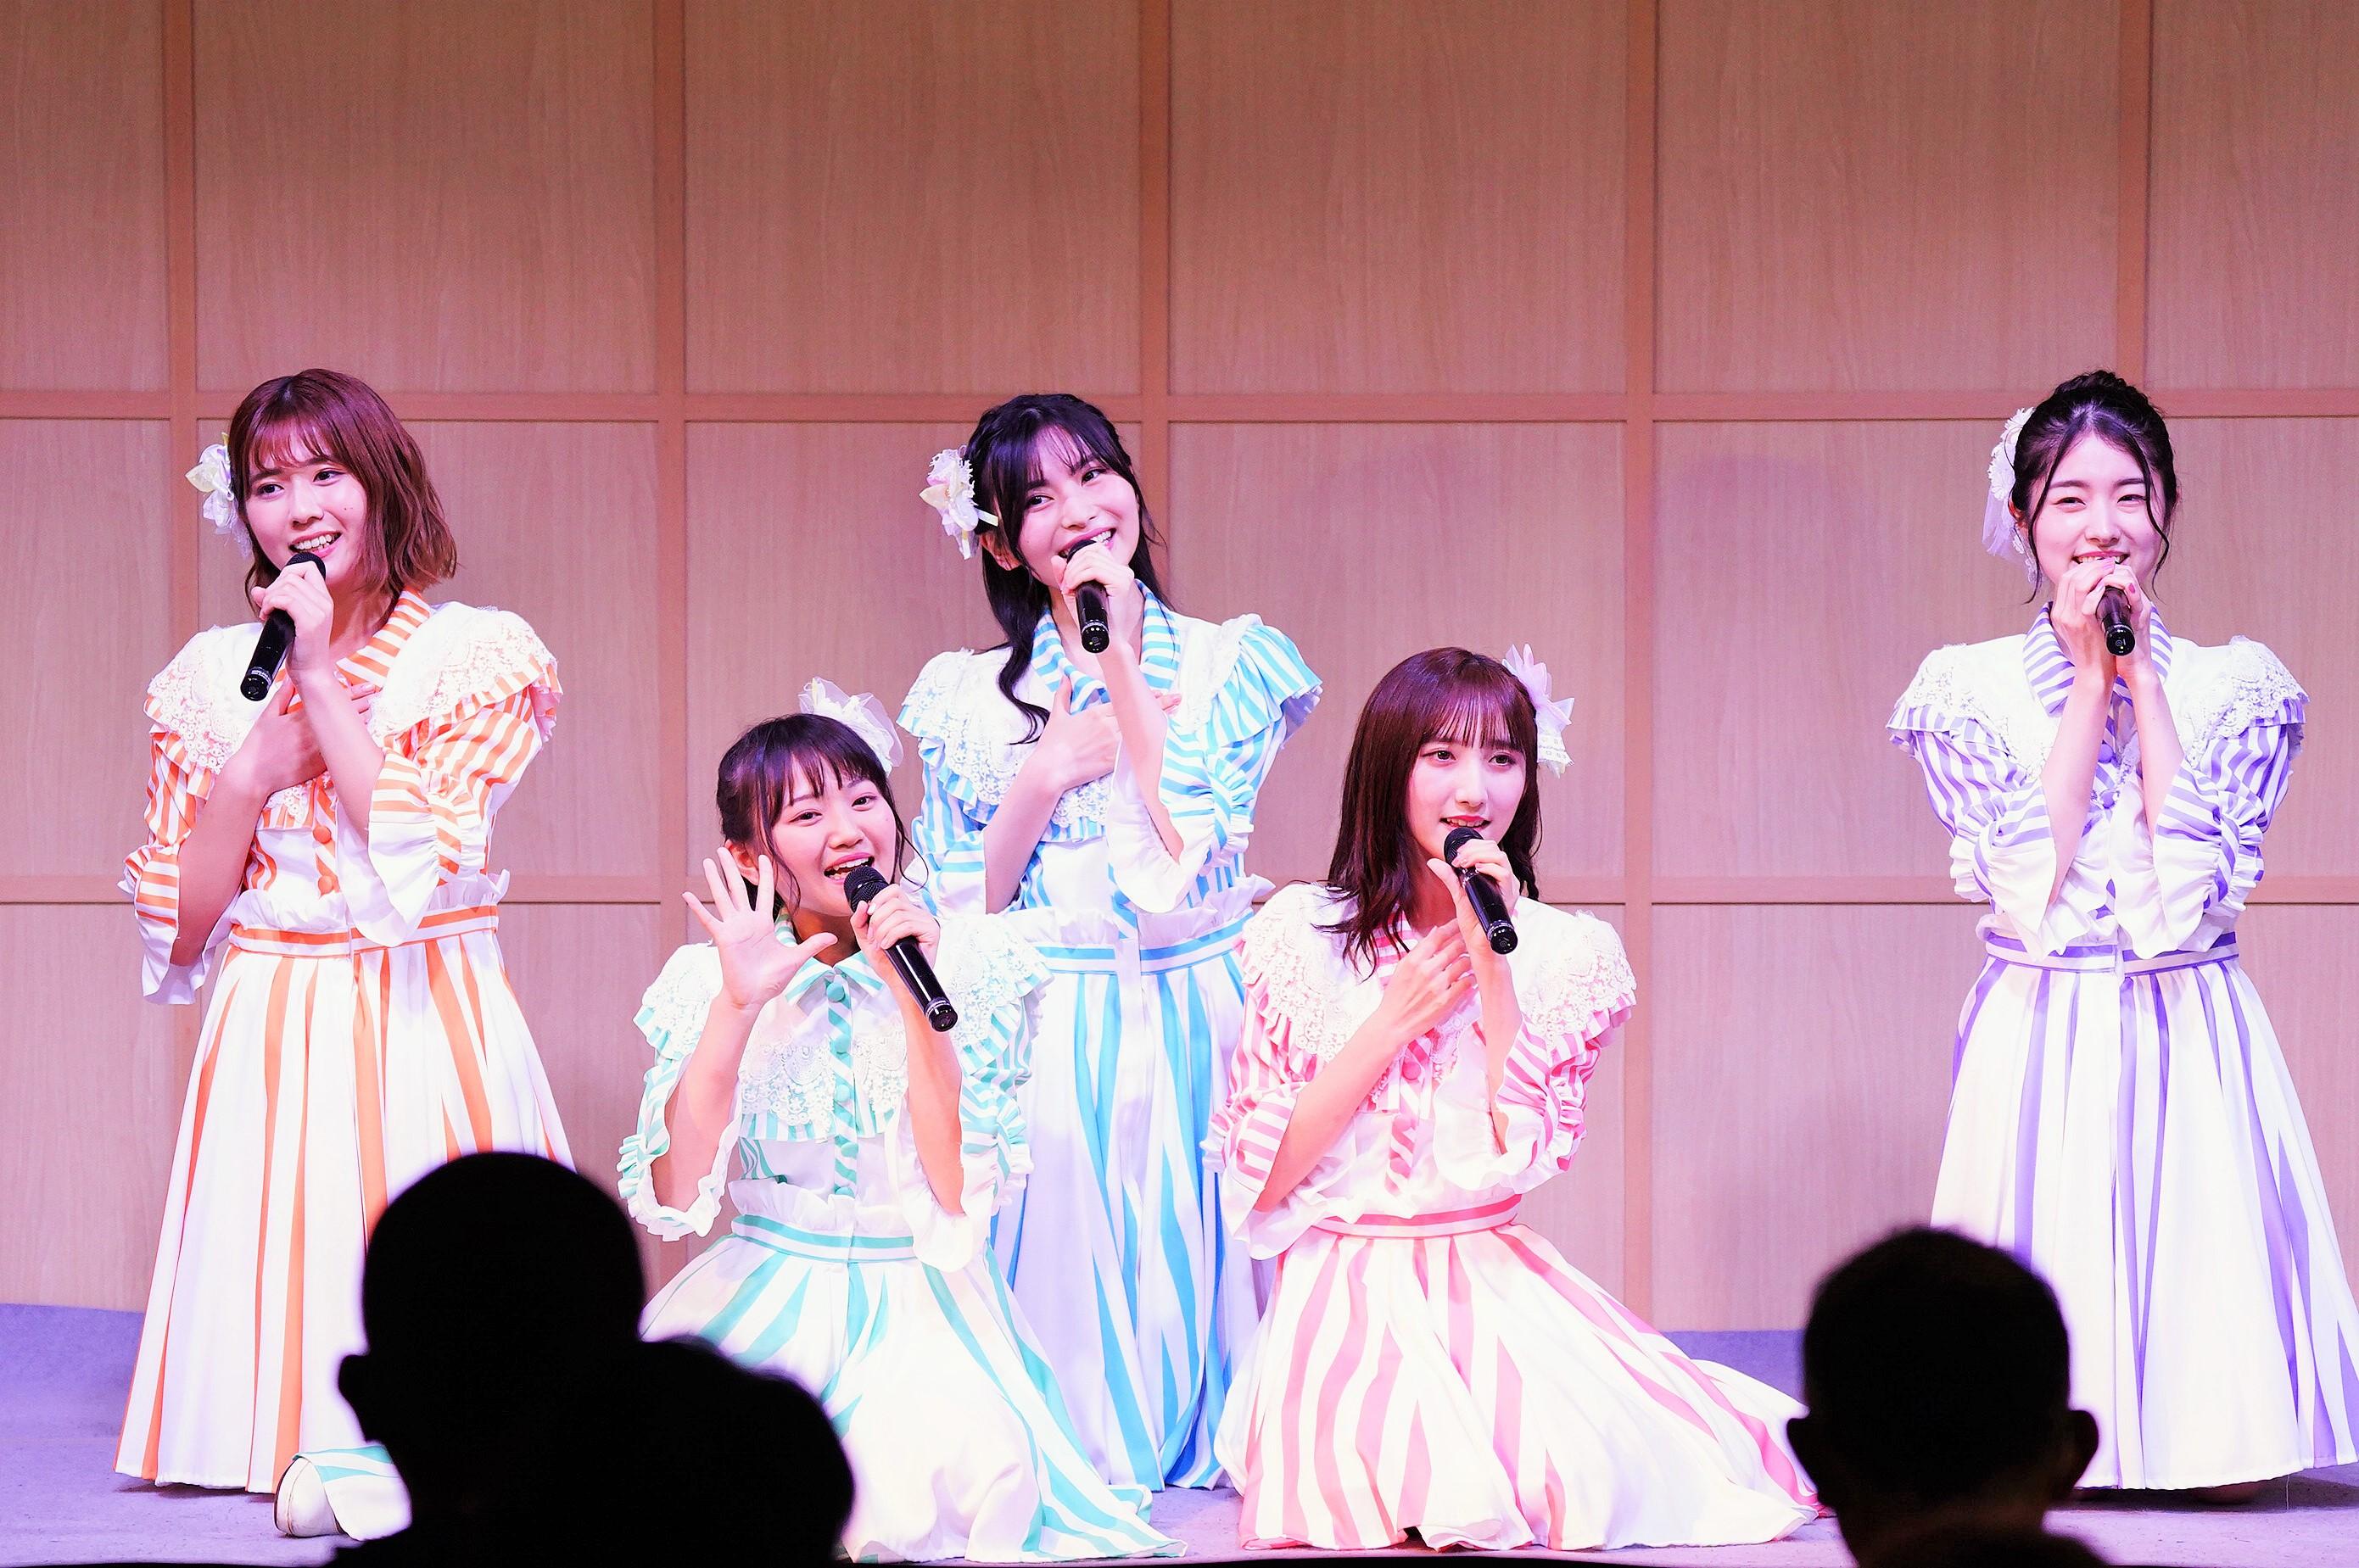 清⽔⿇璃亜・稲垣⾹織・福岡聖菜・⻑友彩海・岩⽴沙穂 (C) AKB48